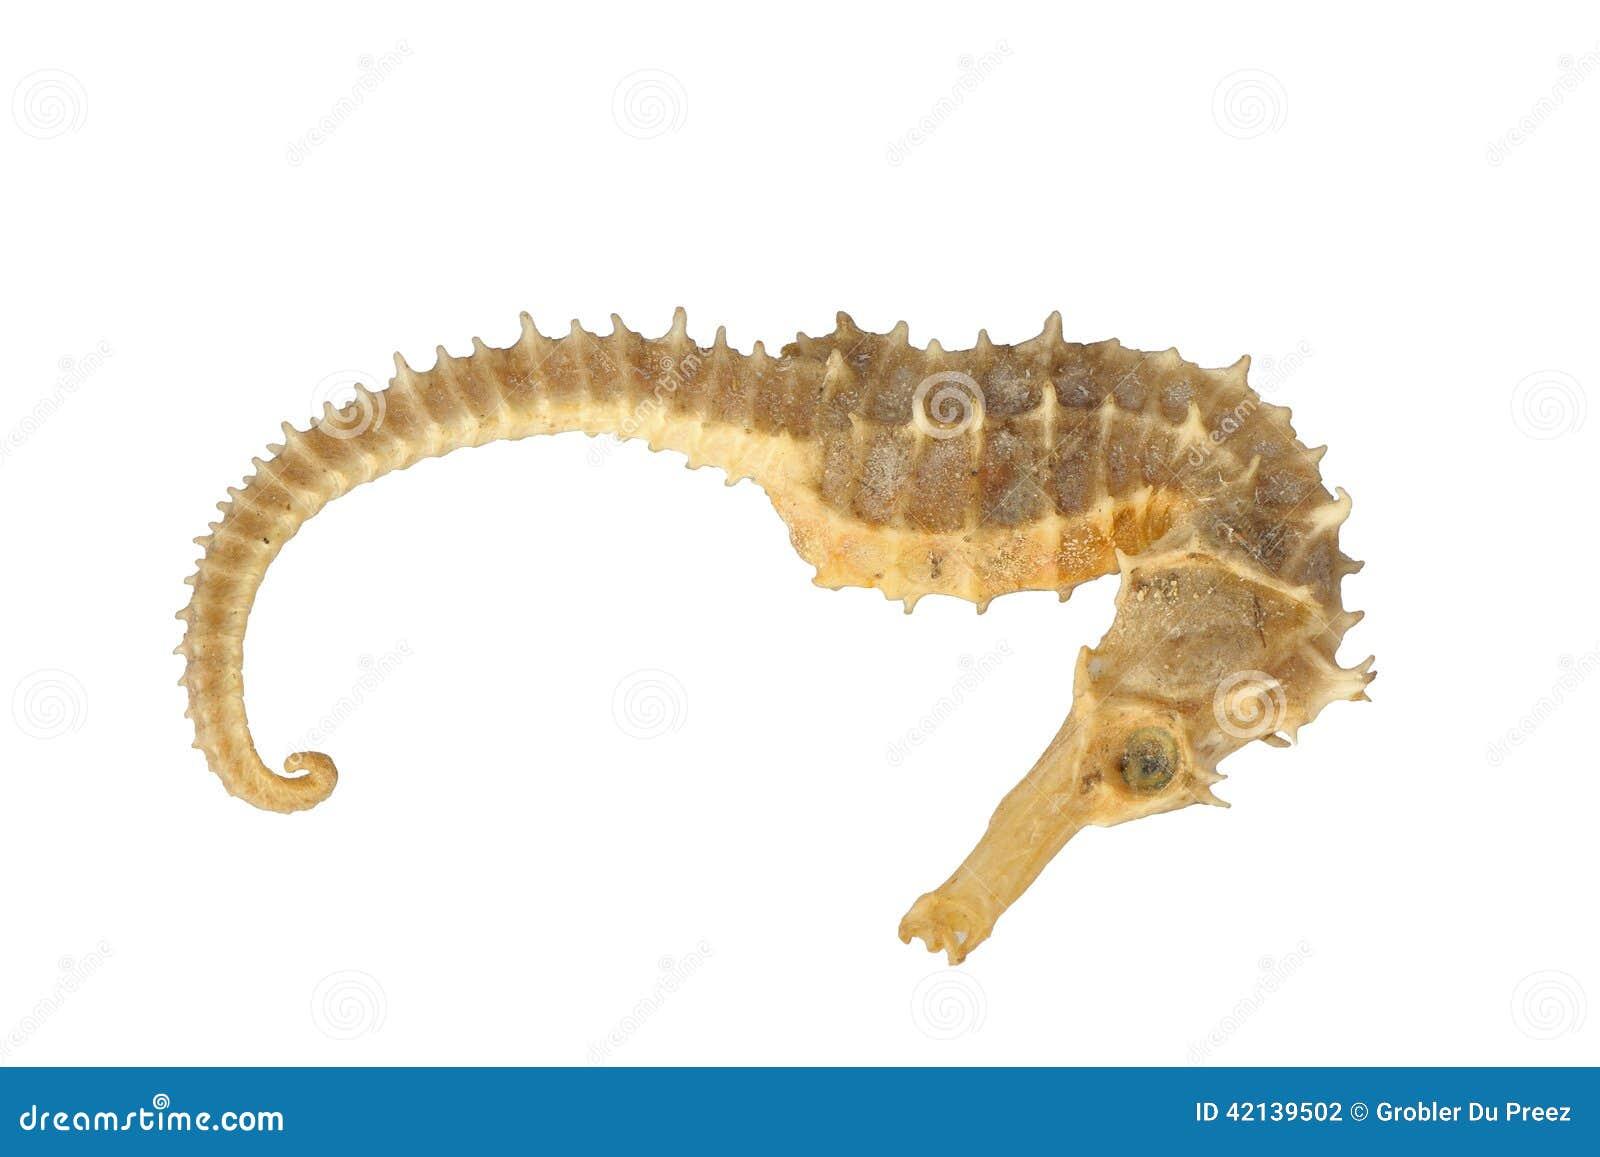 Exoesqueleto del caballo de mar foto de archivo imagen for Immagini cavalluccio marino